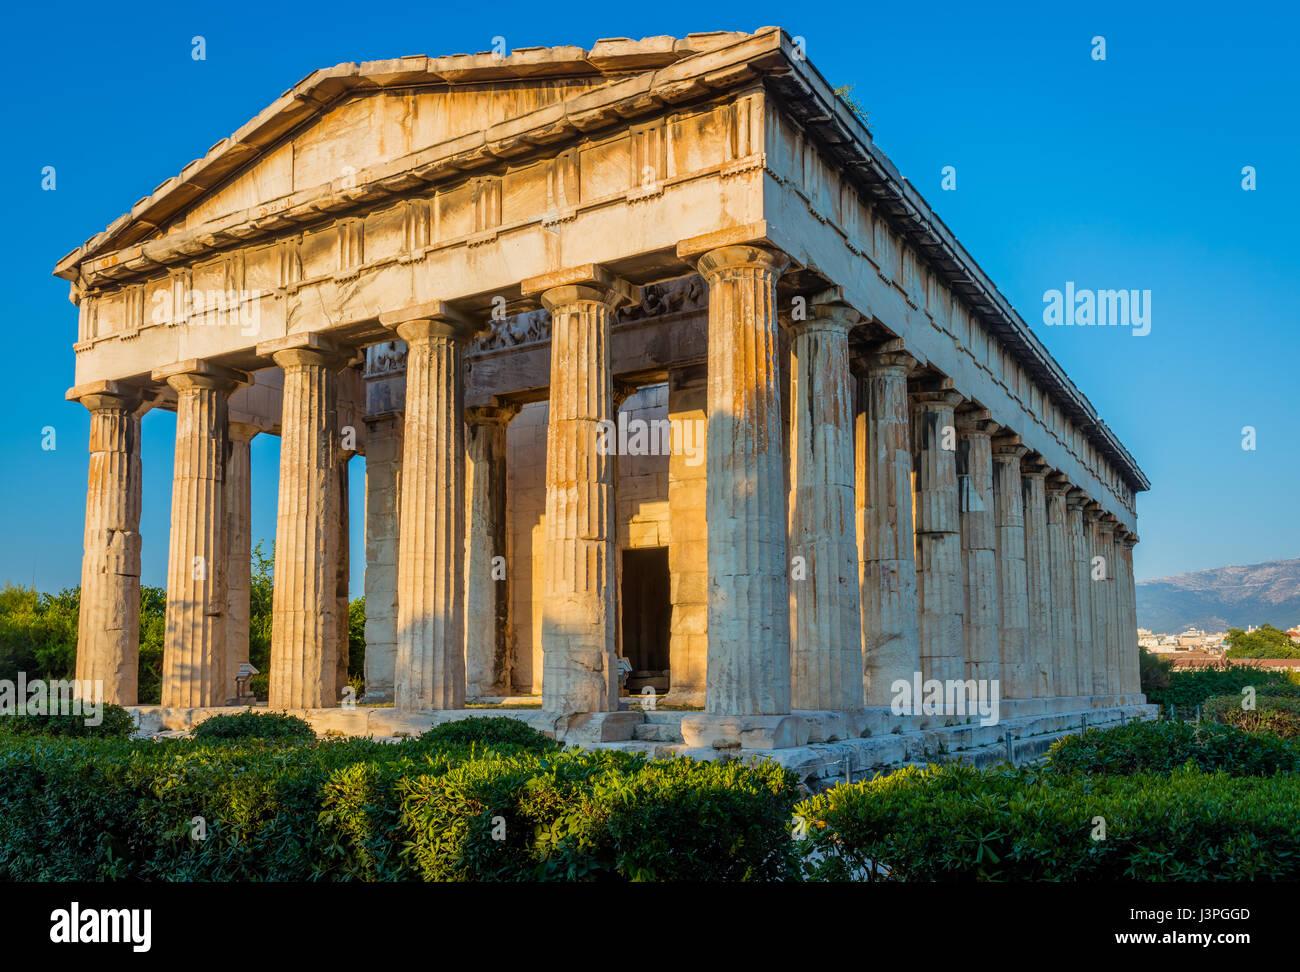 Antiken griechischen Ort der Anbetung, im dorischen Stil aus Marmor mit Bas Relief Friese gebaut. Befindet sich Stockbild